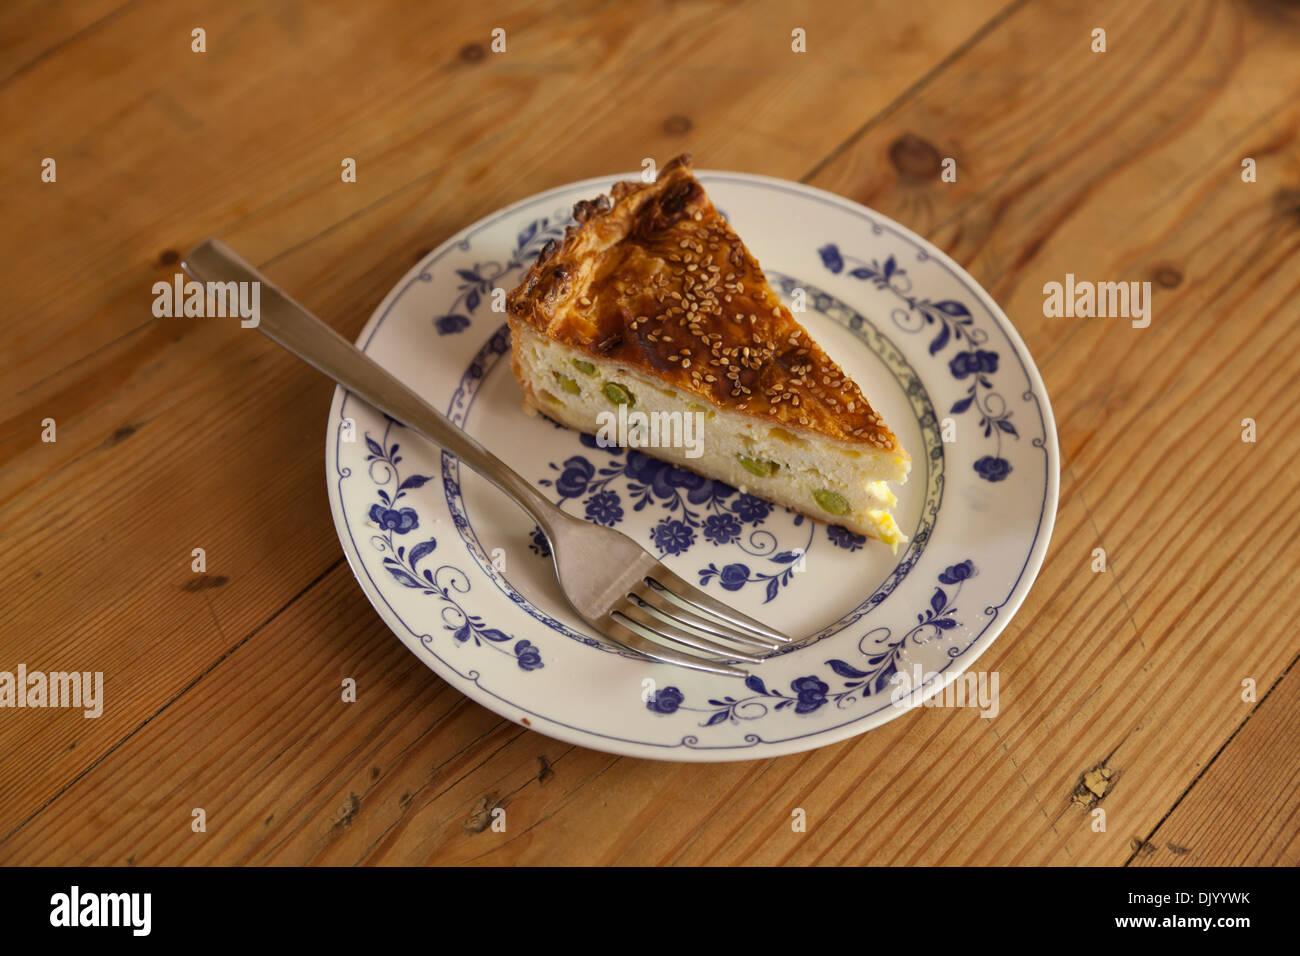 Una fetta di Gozo tradizionale torta di formaggio i cui ingredienti principali sono molli di pecora e formaggio grattugiato essiccato il formaggio di pecora. Immagini Stock